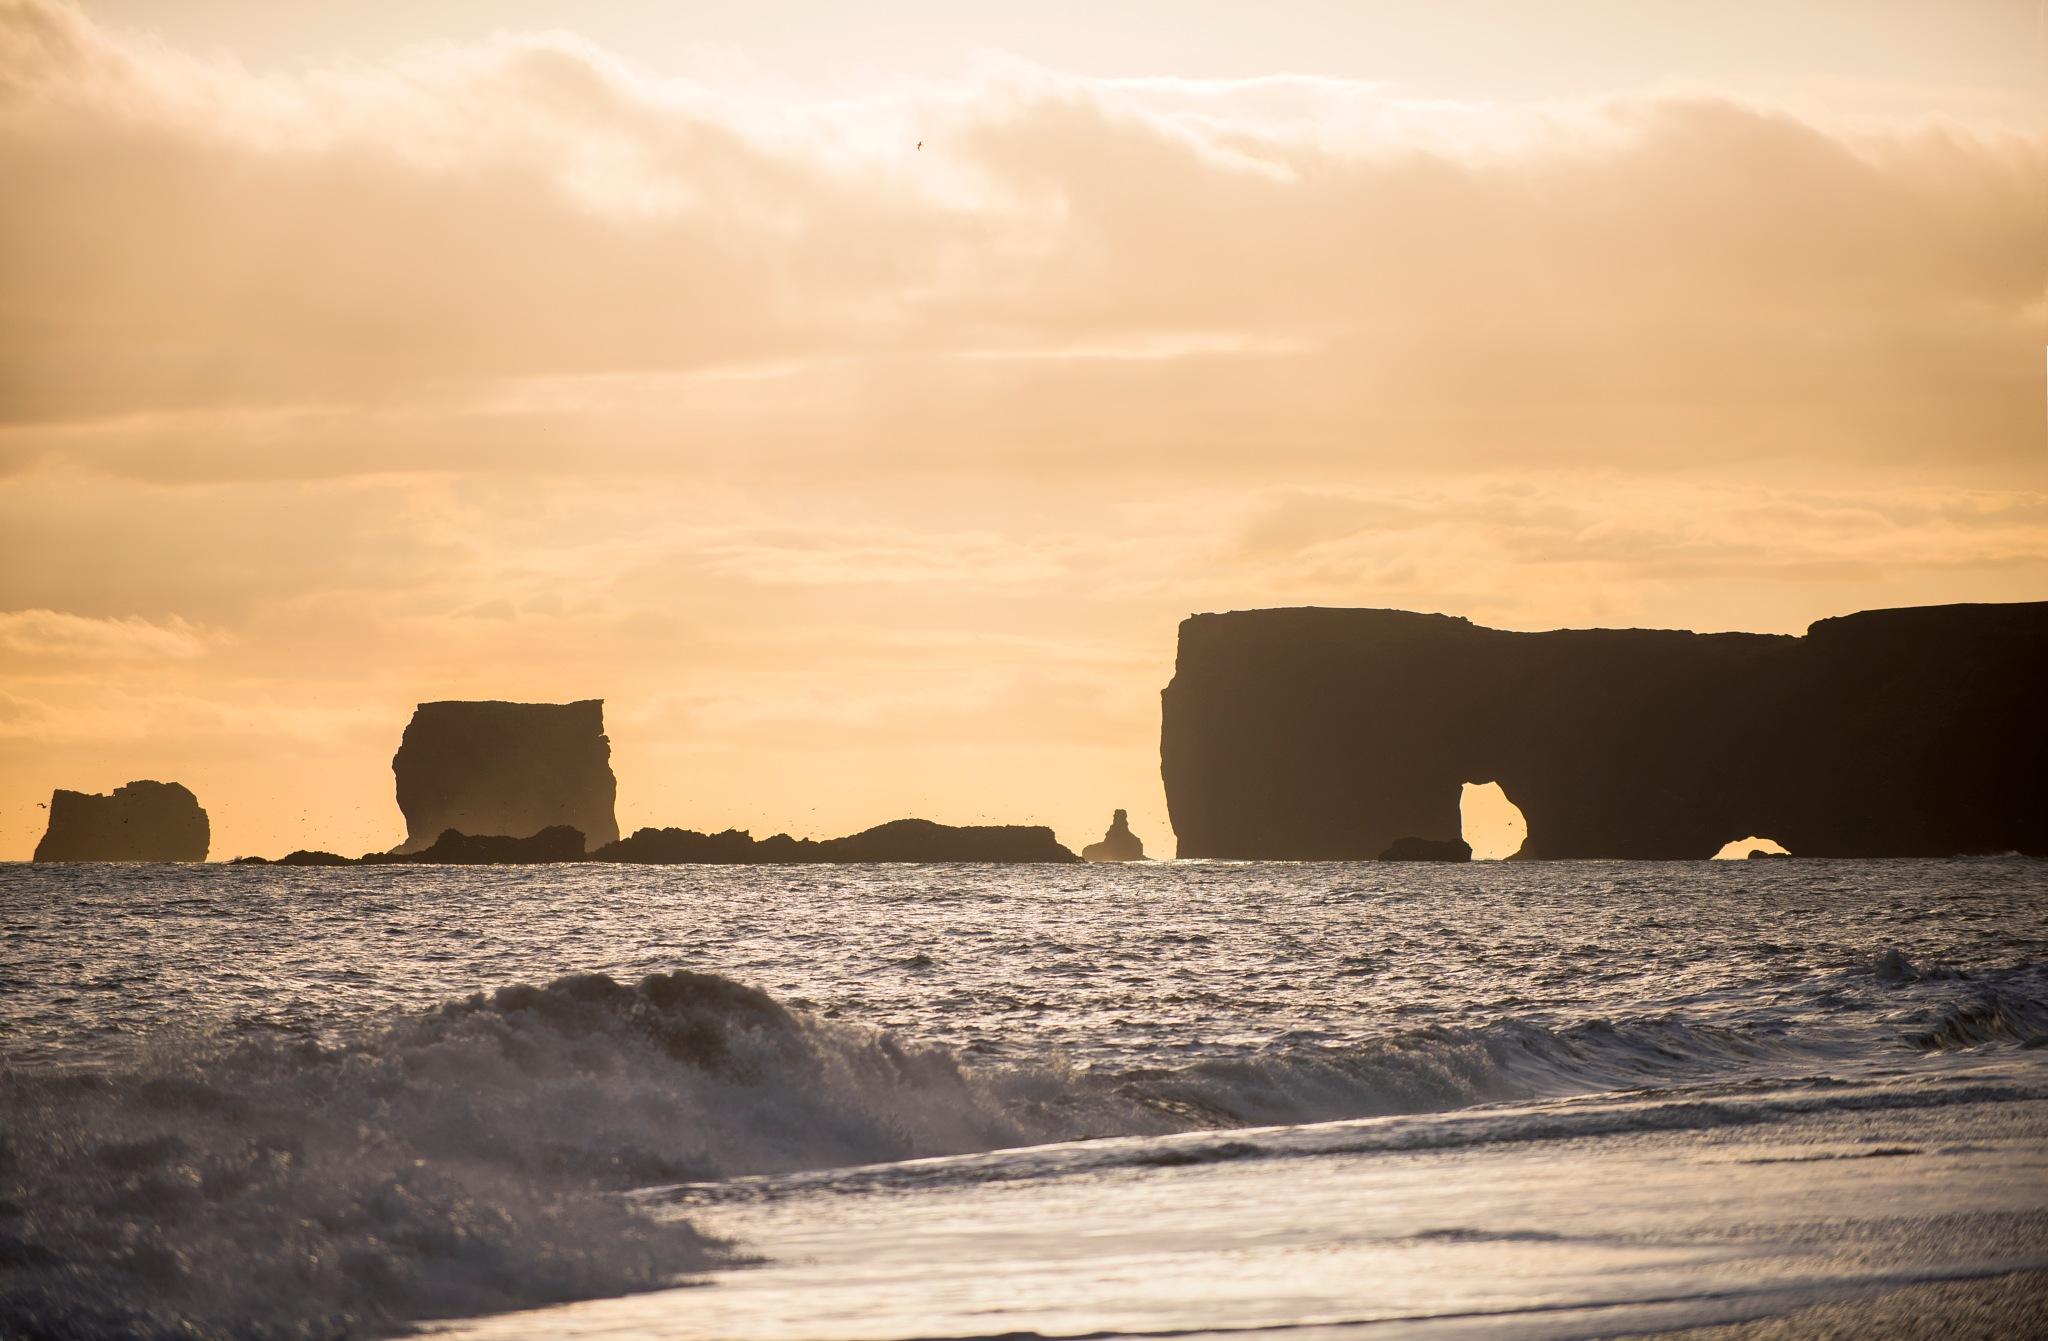 Izland by mik70